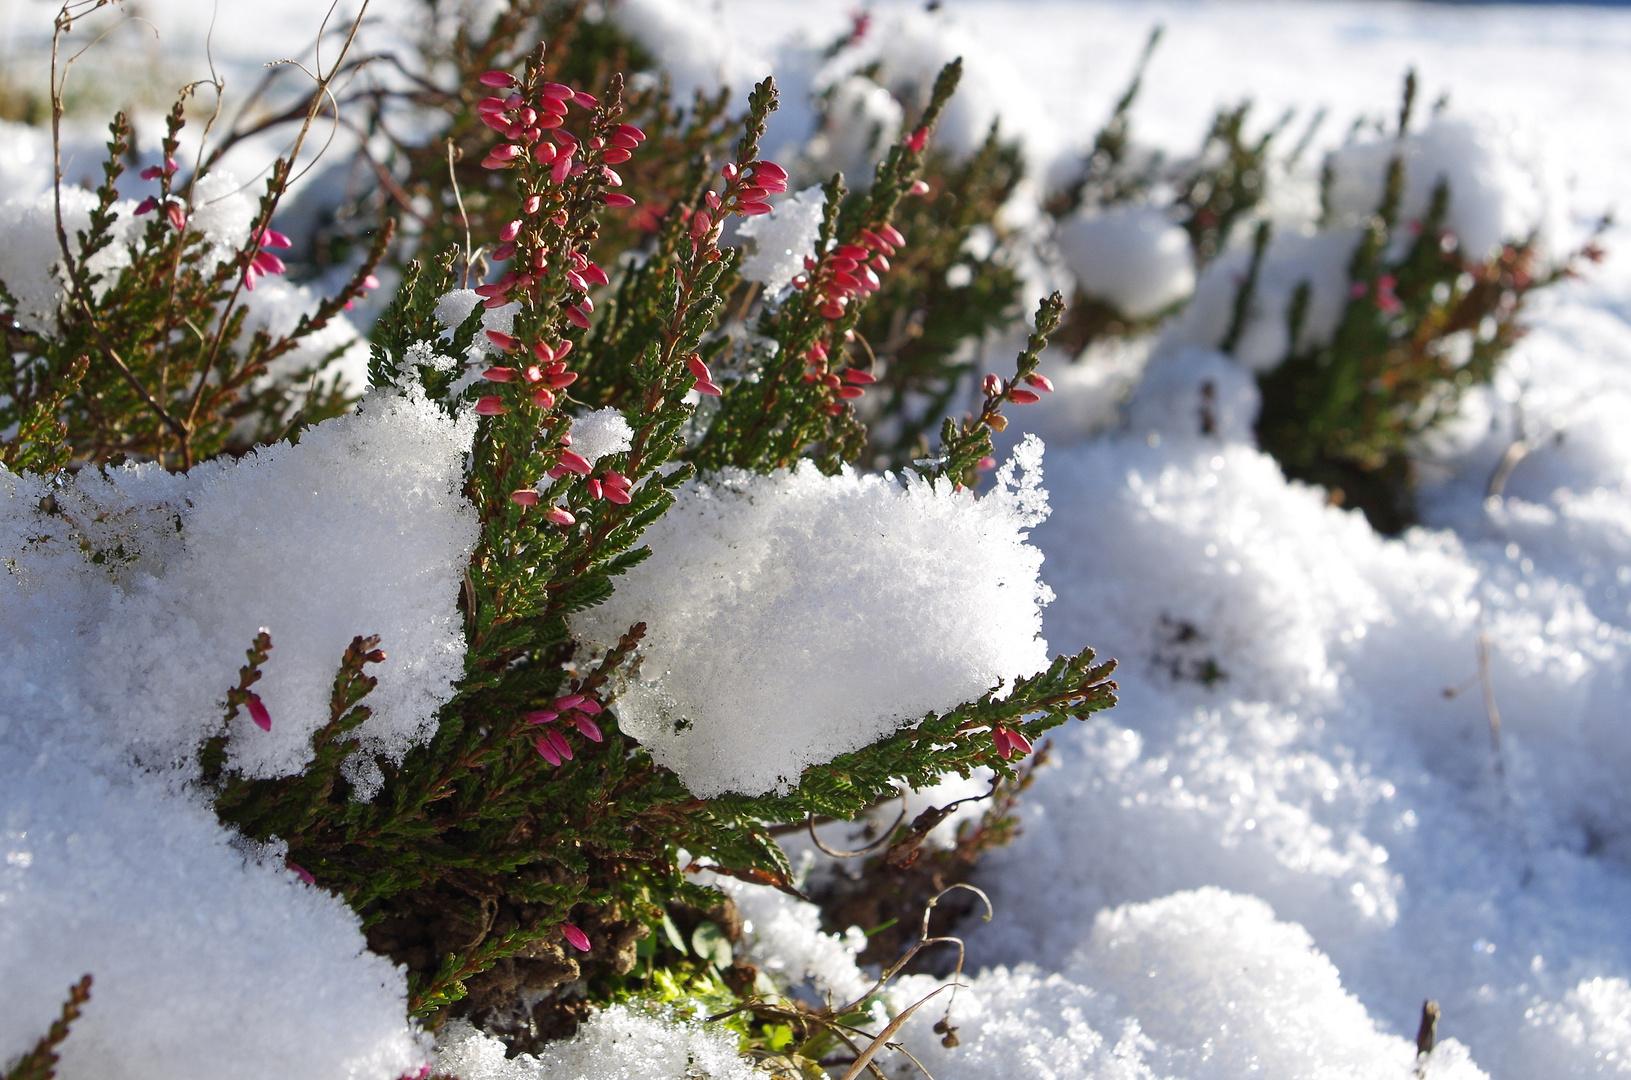 Ende des Winters in Sicht?